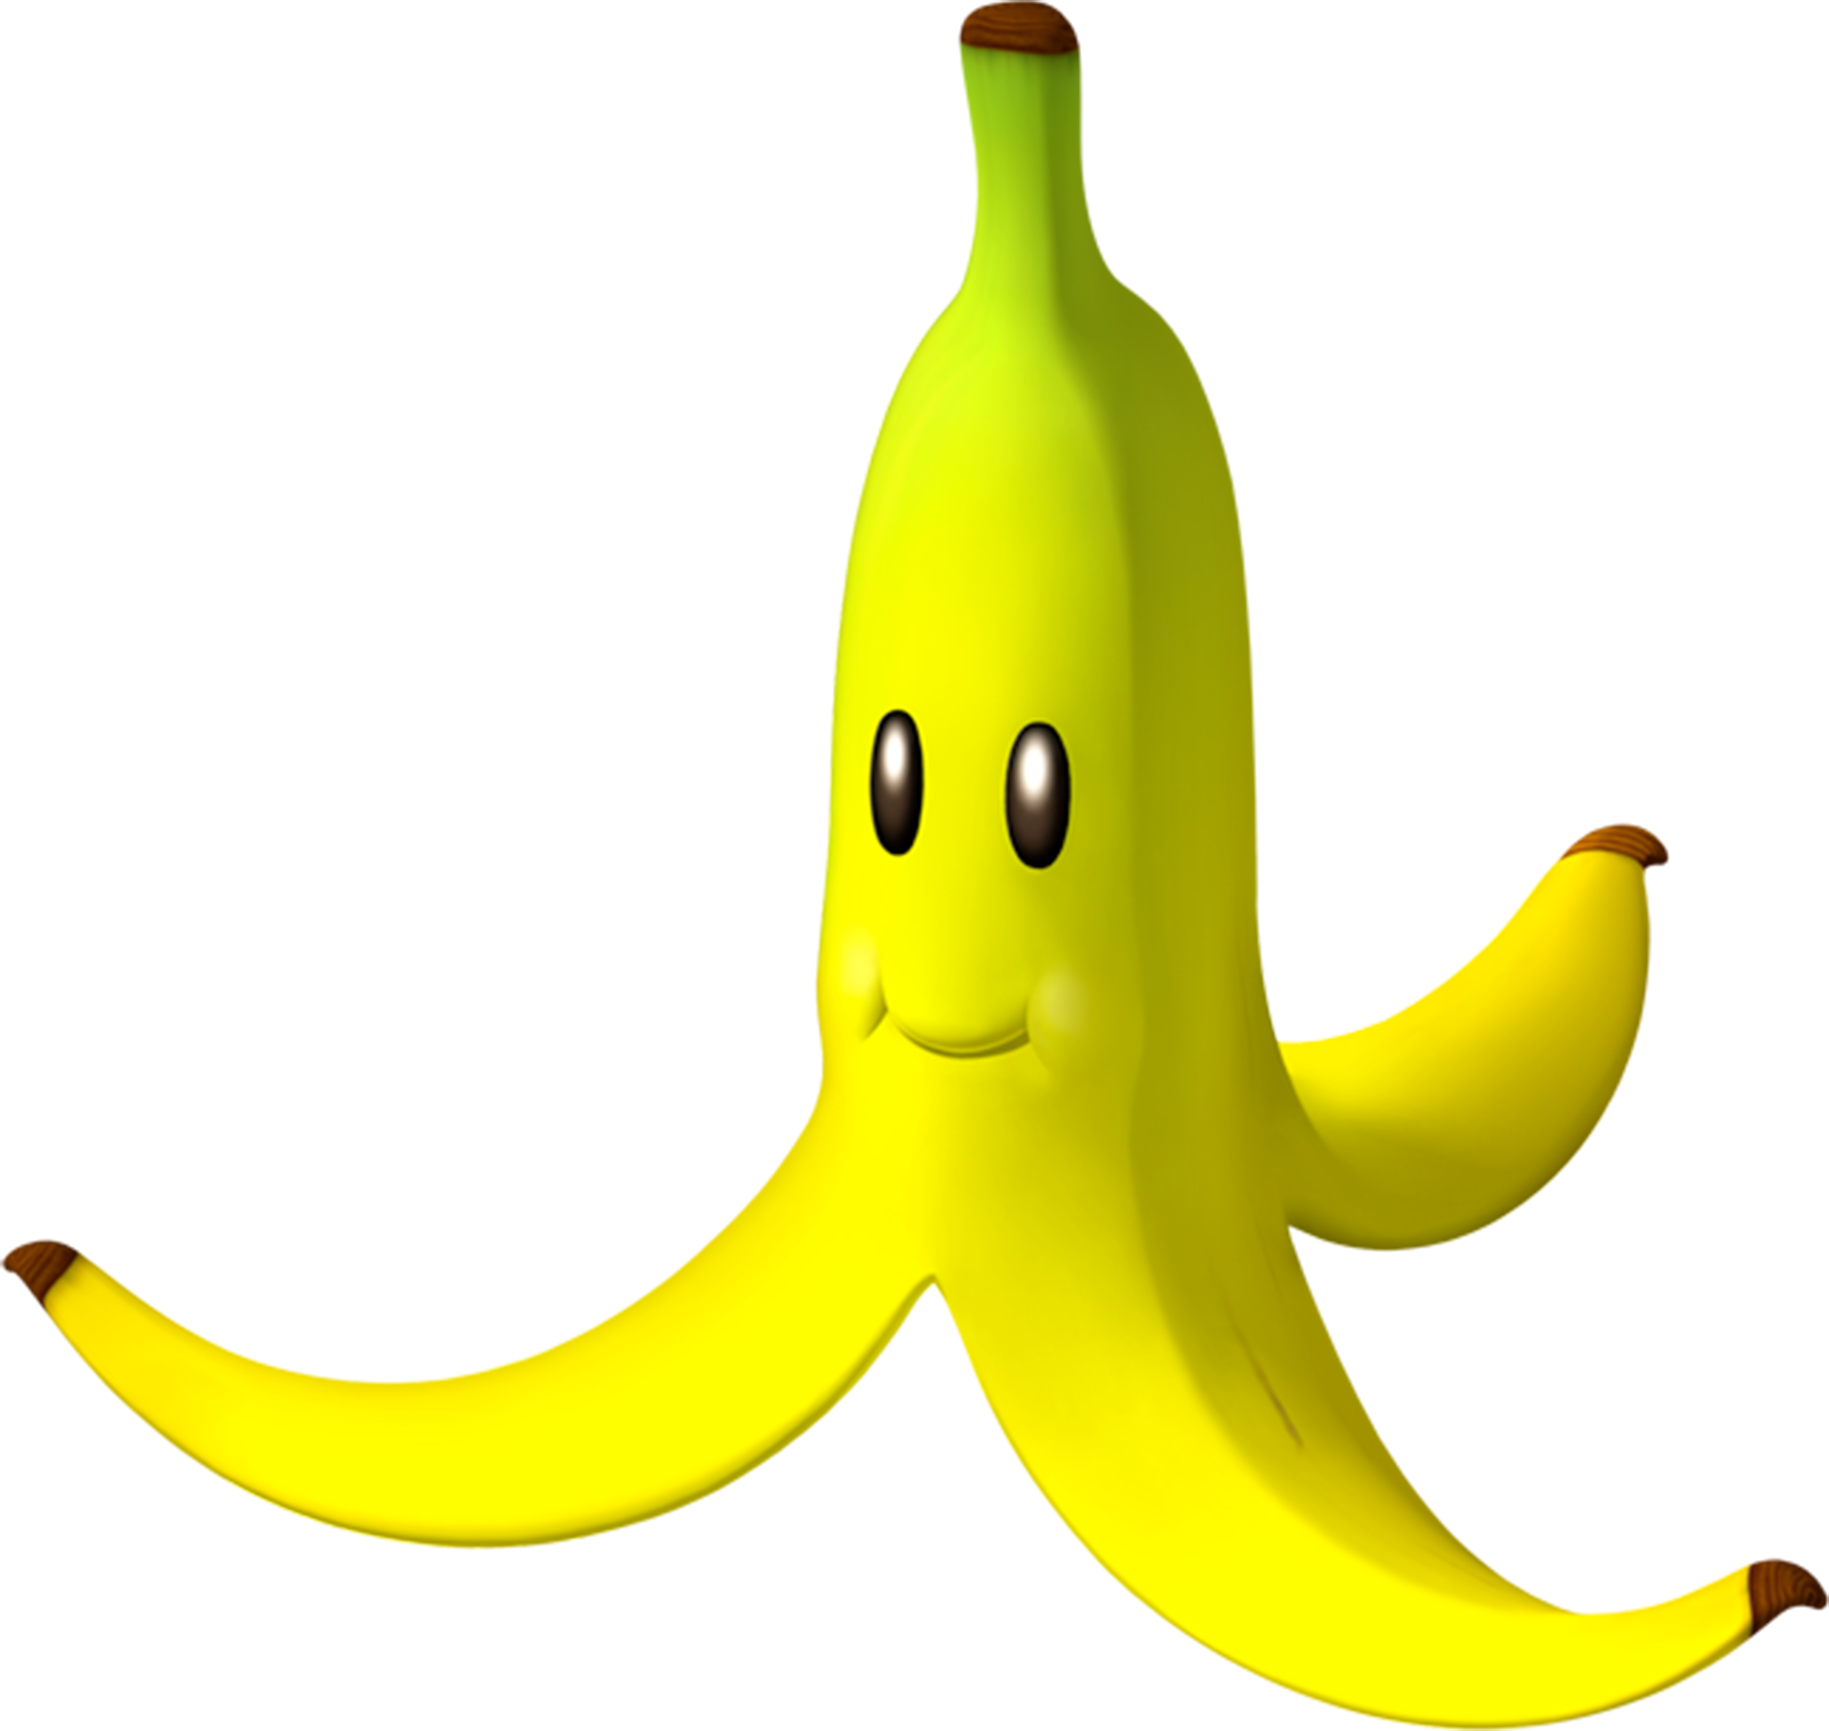 File:Banana Peel.png